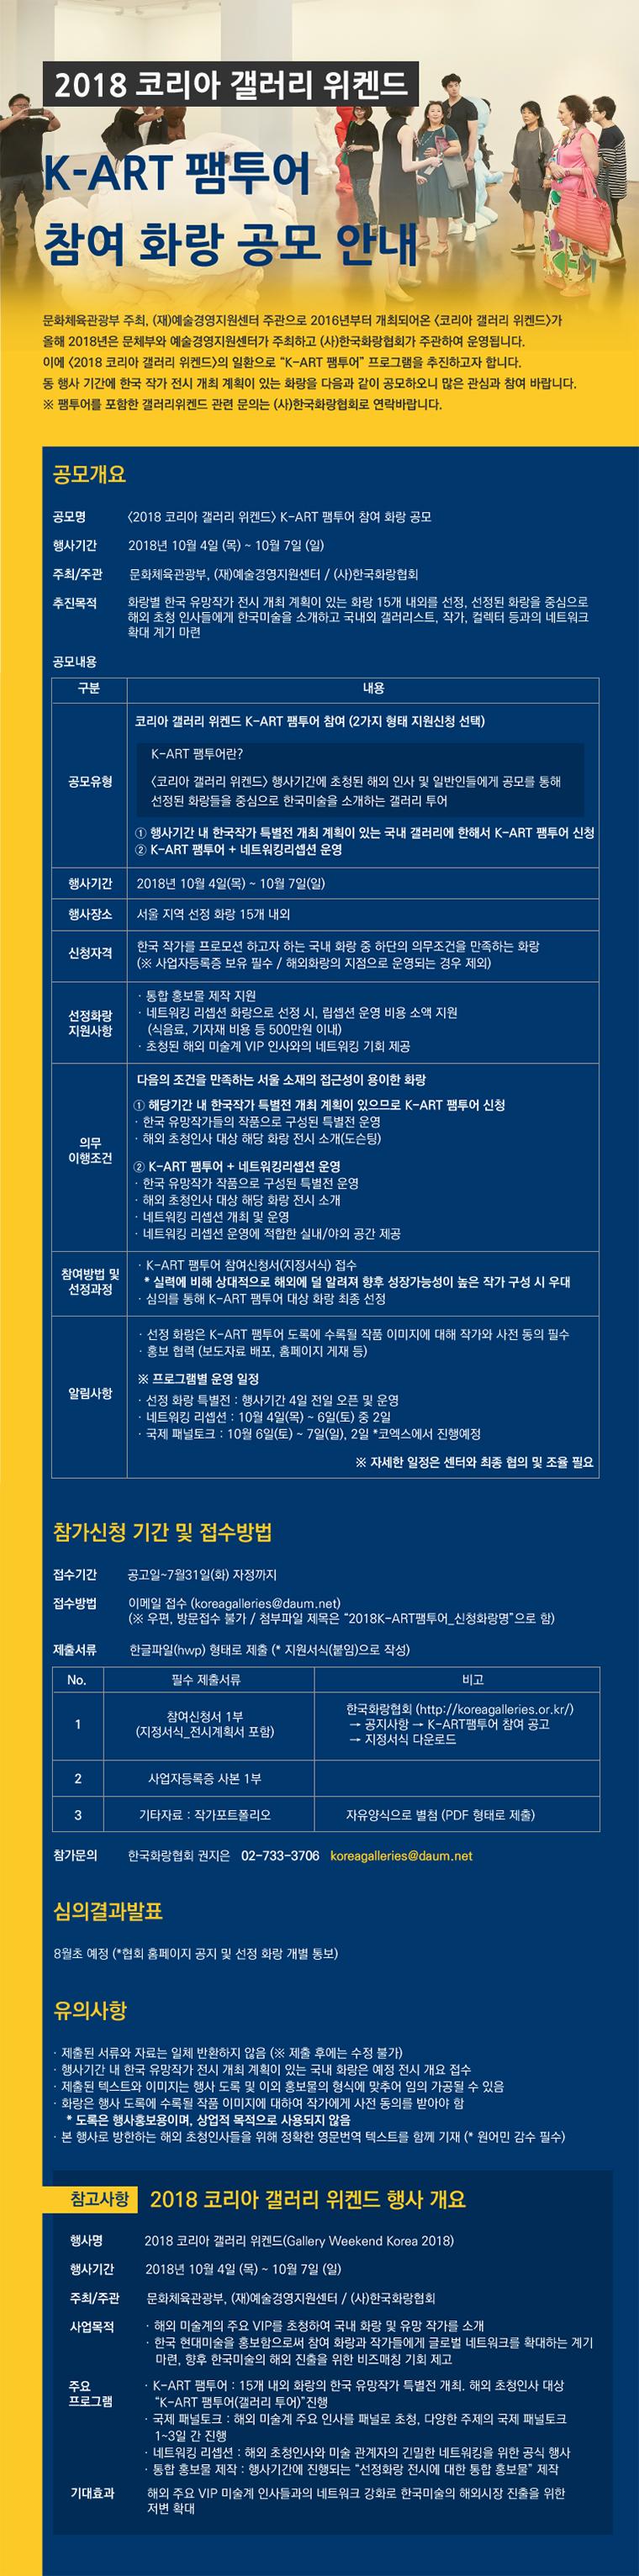 2018 코리아 갤러리 위켄드 K-ART 팸투어 참여 화랑 공모 안내